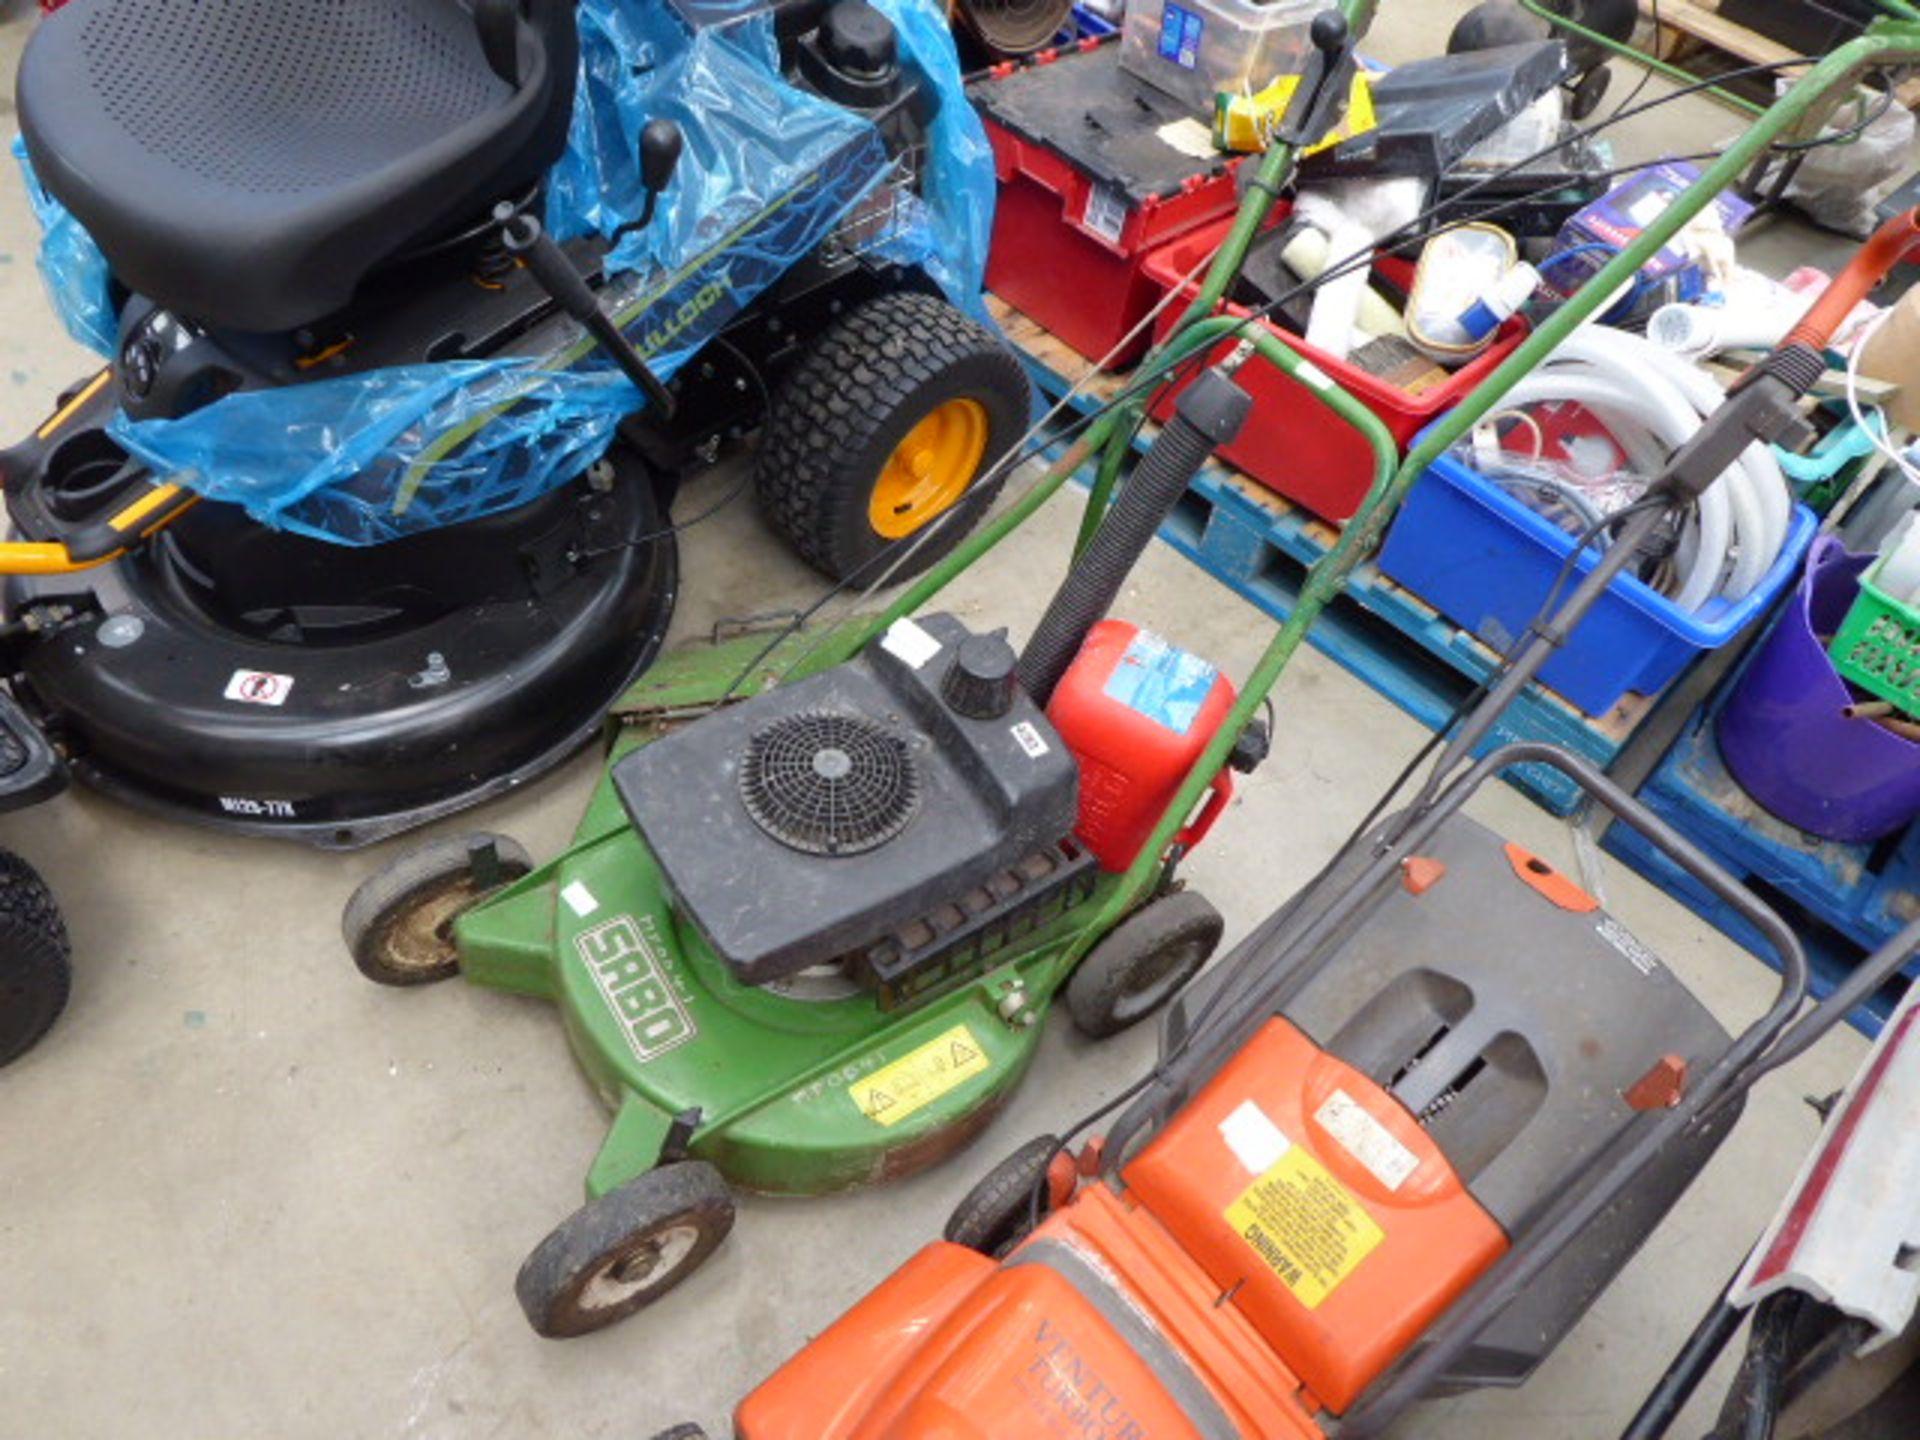 Lot 4283 - Sabo petrol powered rough cut mower